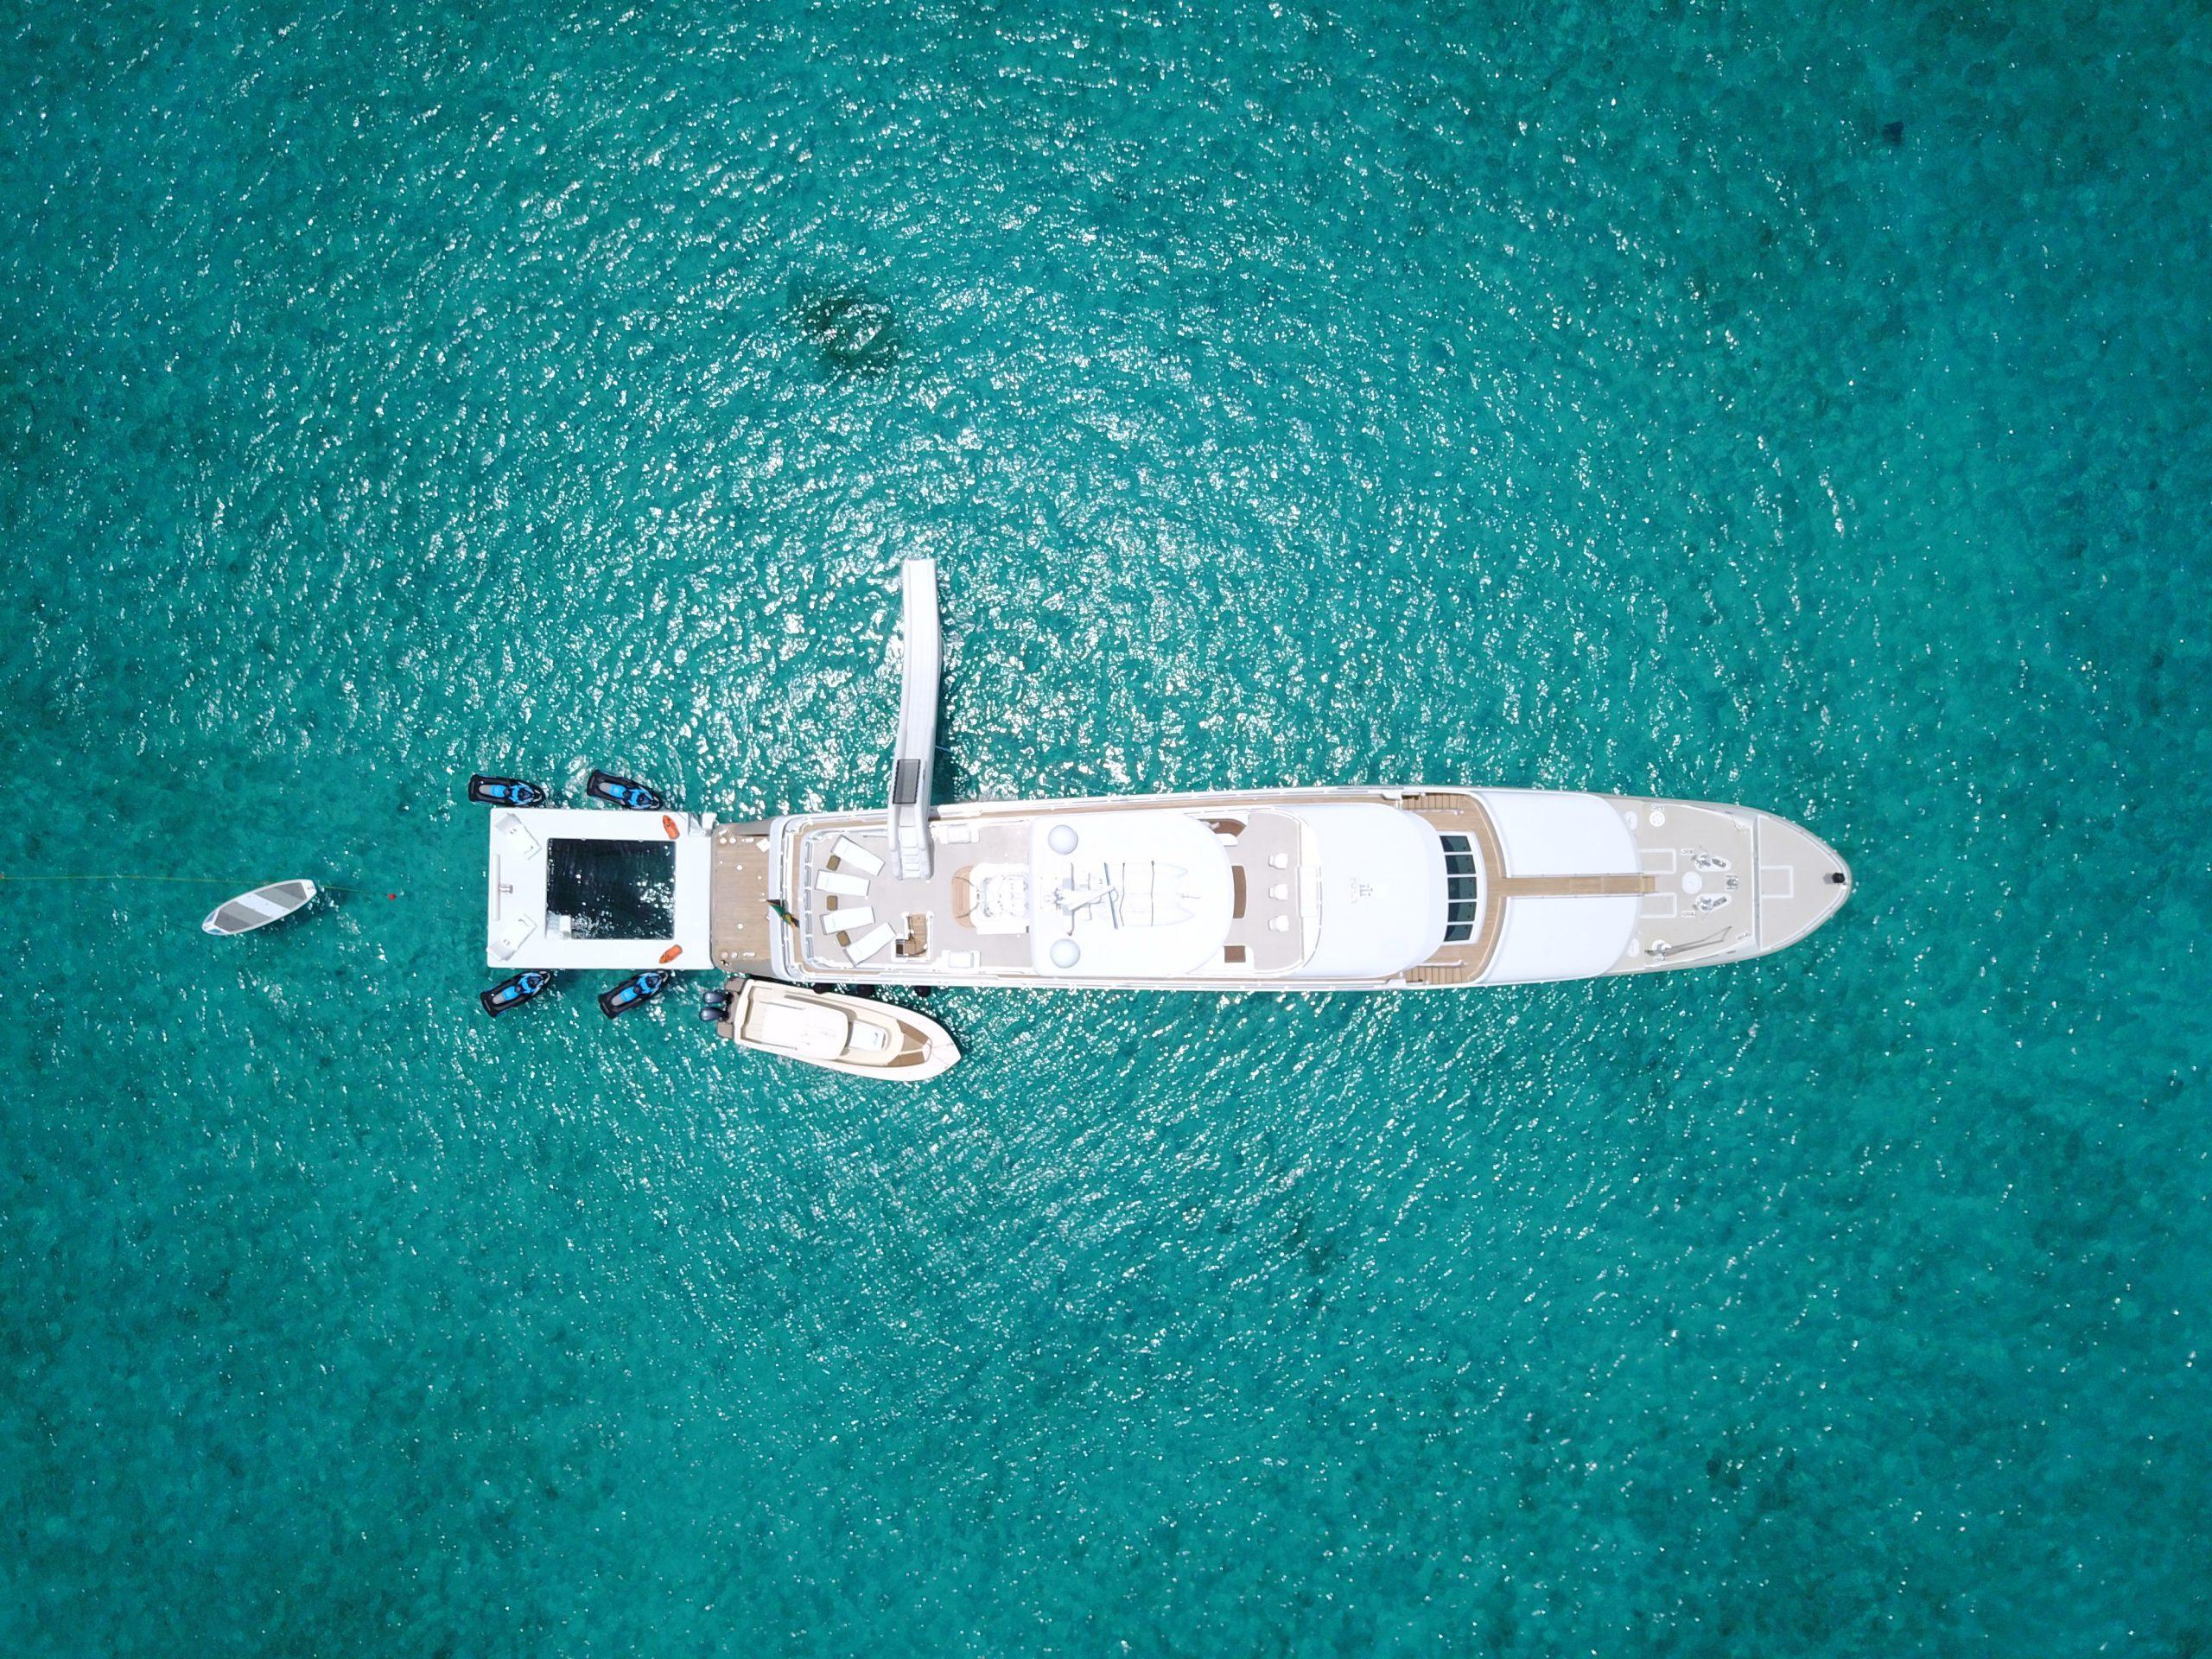 FunAir Loon aerial